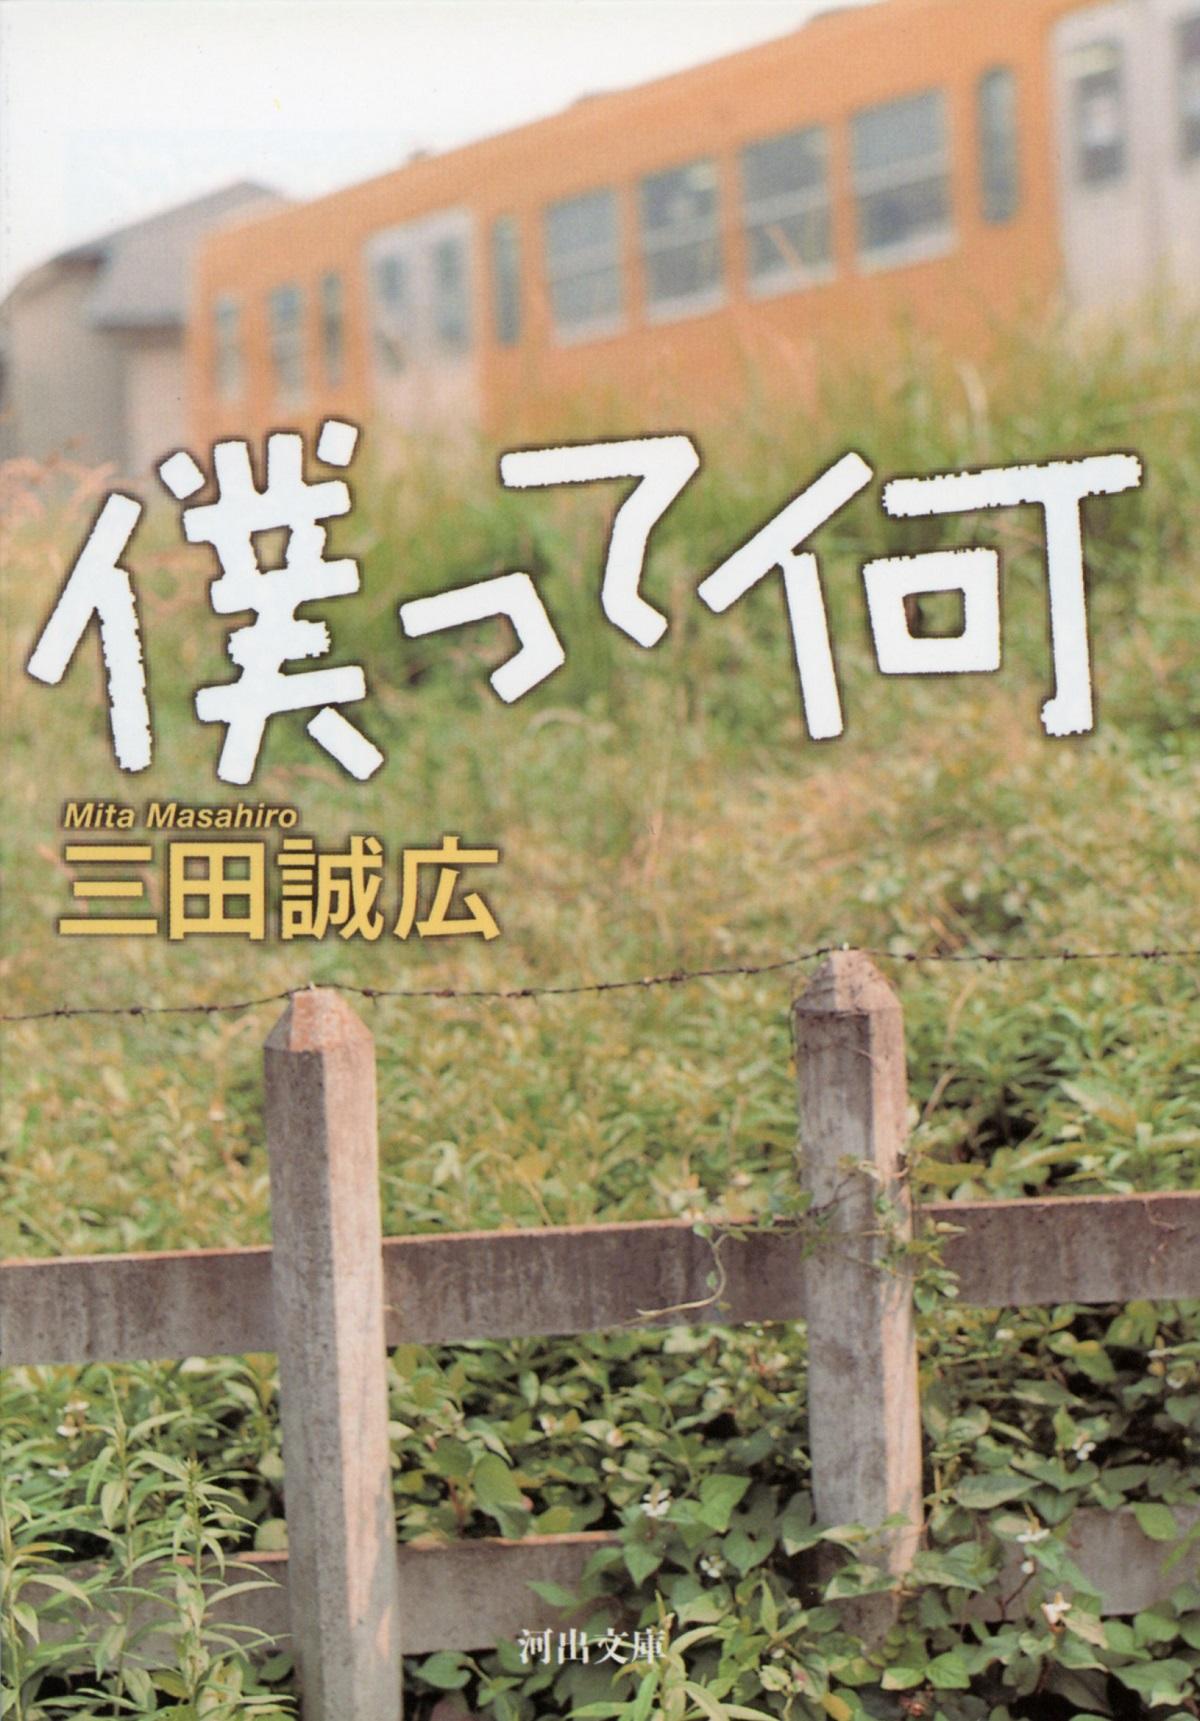 写真・図版 : 三田誠広『僕って何』(河出文庫)